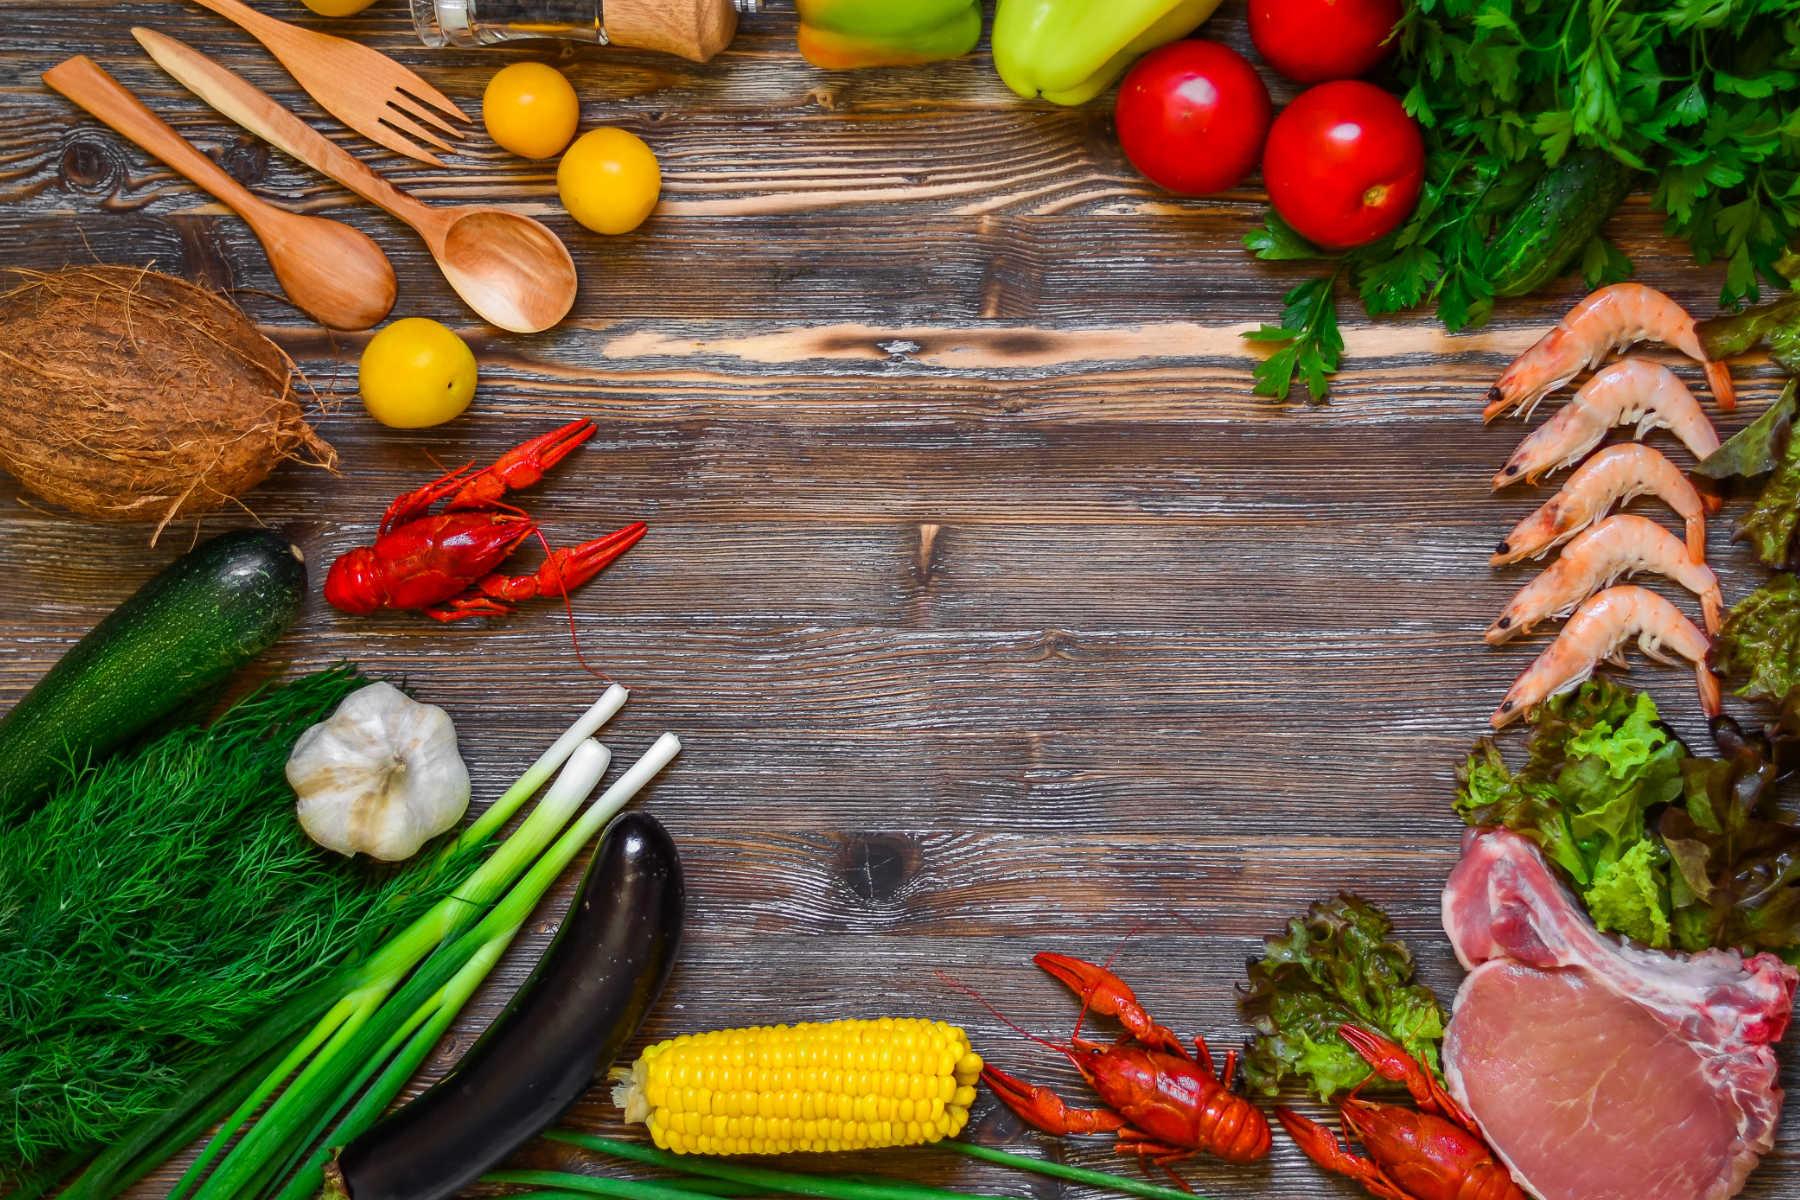 T l chargez gratuitement notre livre de cuisine avec 20 recettes bio blog nutrition sant - Cuisine venitienne recettes ...